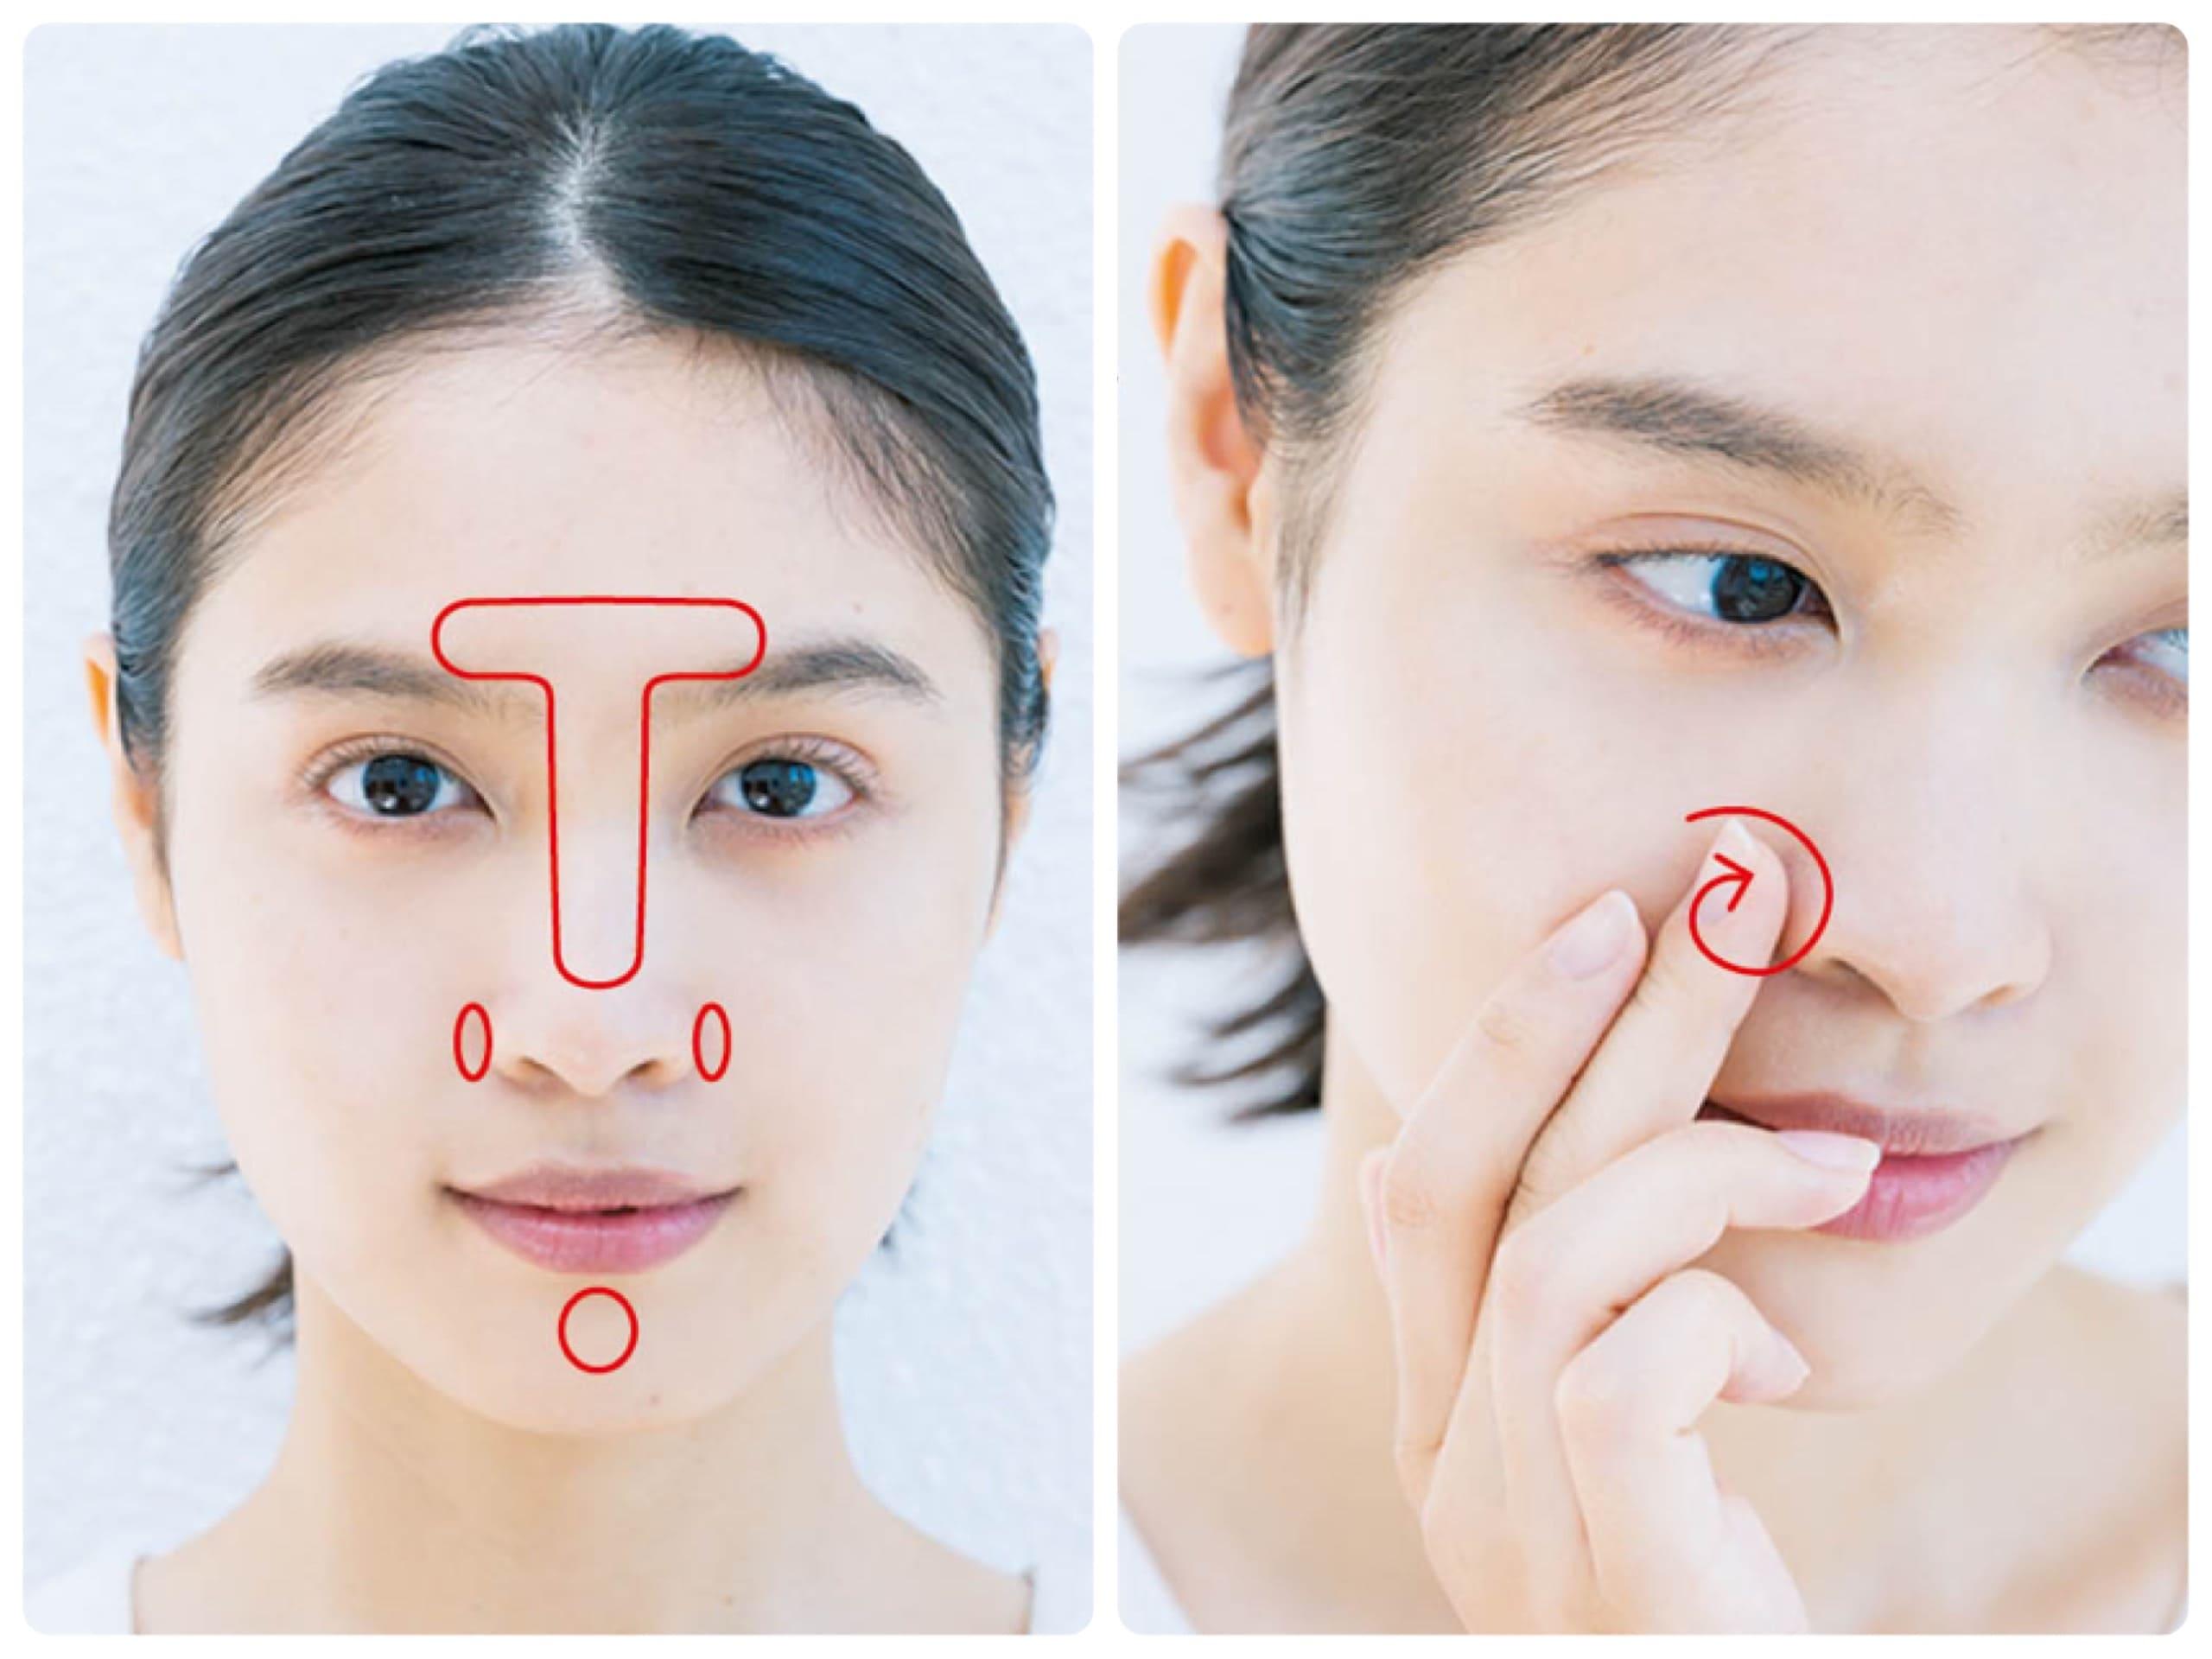 小顔を目指す【大全集】 - すぐにできる簡単マッサージや小顔メイク、スキンケアやグッズなどフェイスラインの対策まとめ_8